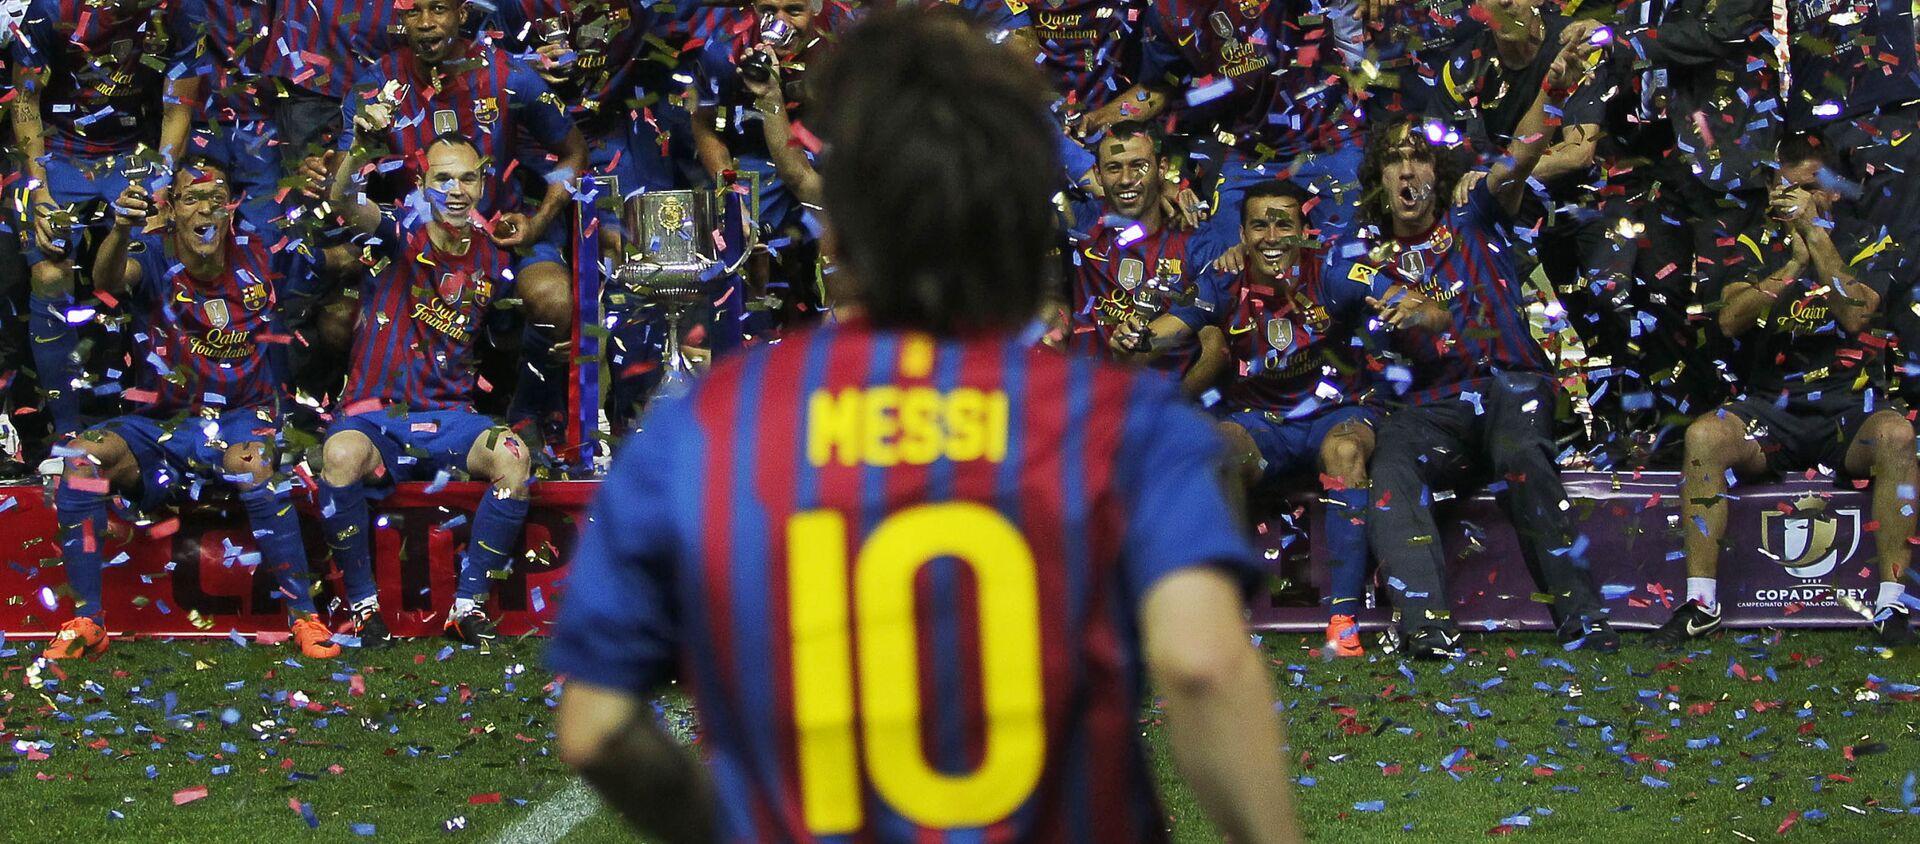 Lionel Messi ăn mừng chiến thắng cùng với đội bóng của mình - Sputnik Việt Nam, 1920, 23.12.2020